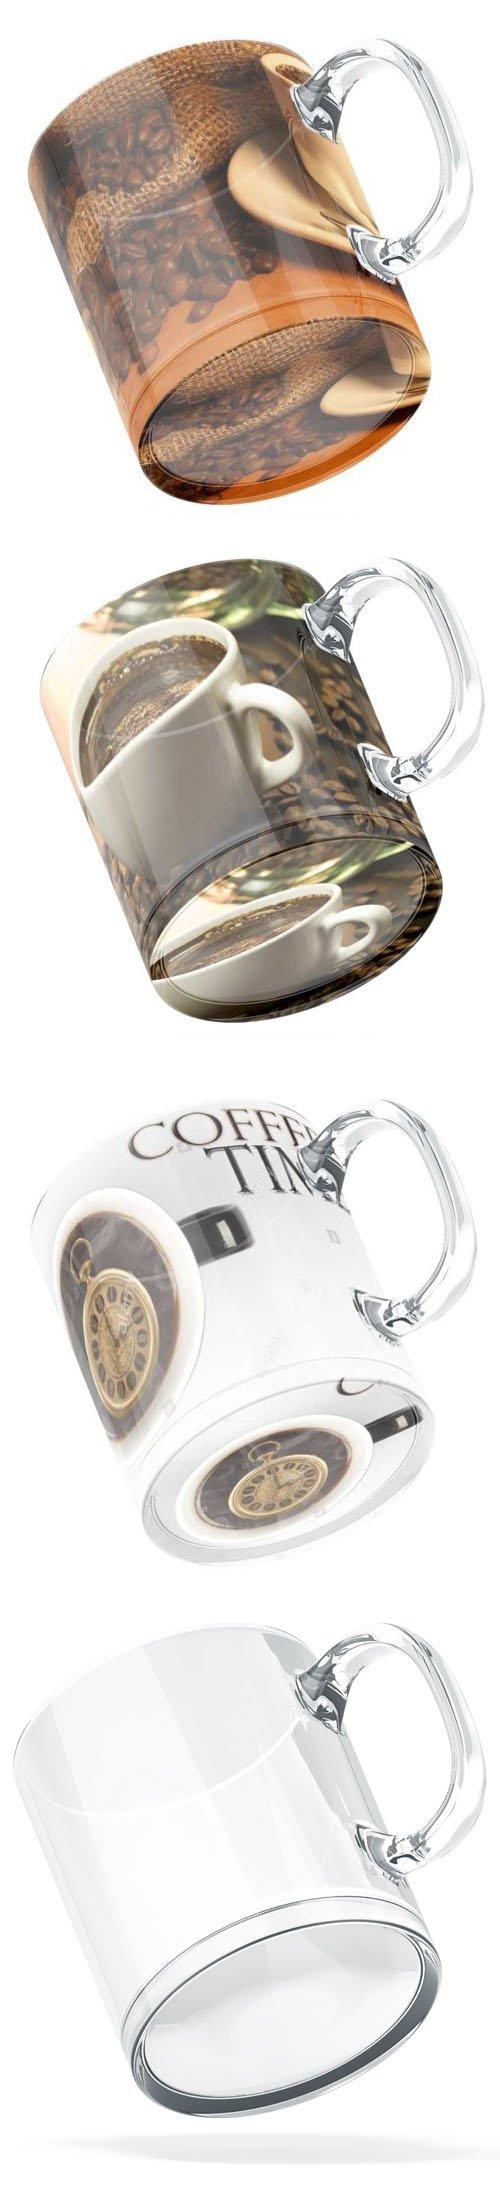 Glass Mug PSD Mockup Template